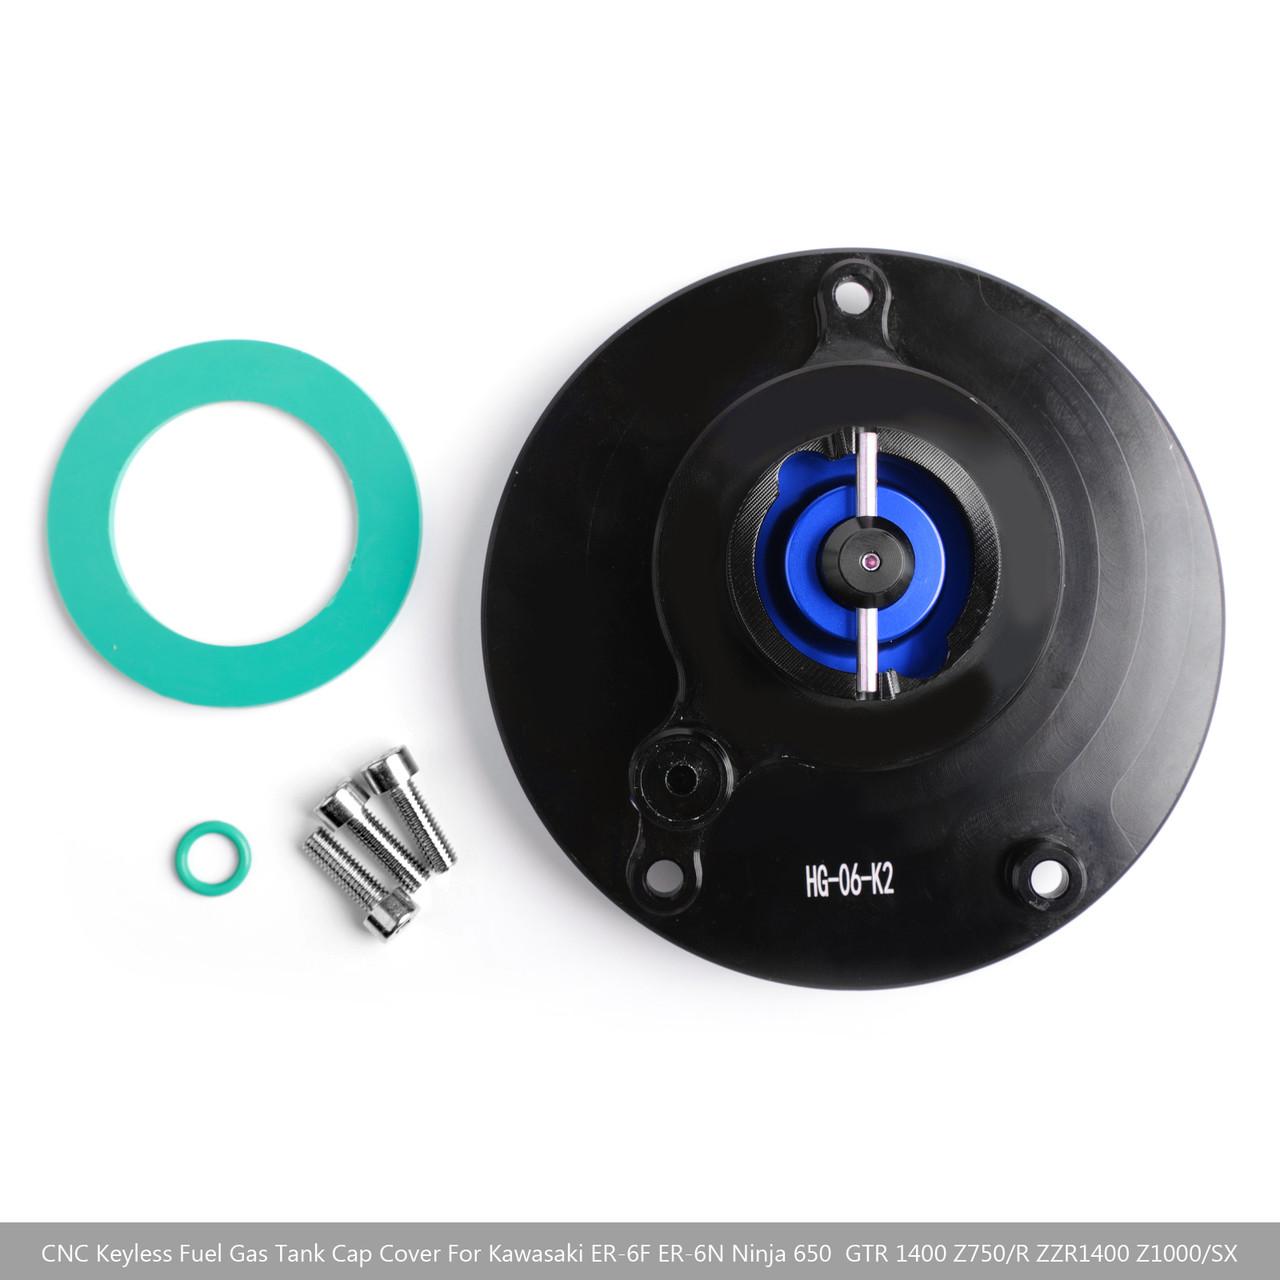 CNC Keyless Fuel Gas Tank Cap For Kawasaki ZX-6R ER-6F/6N Ninja 600 650 Blue